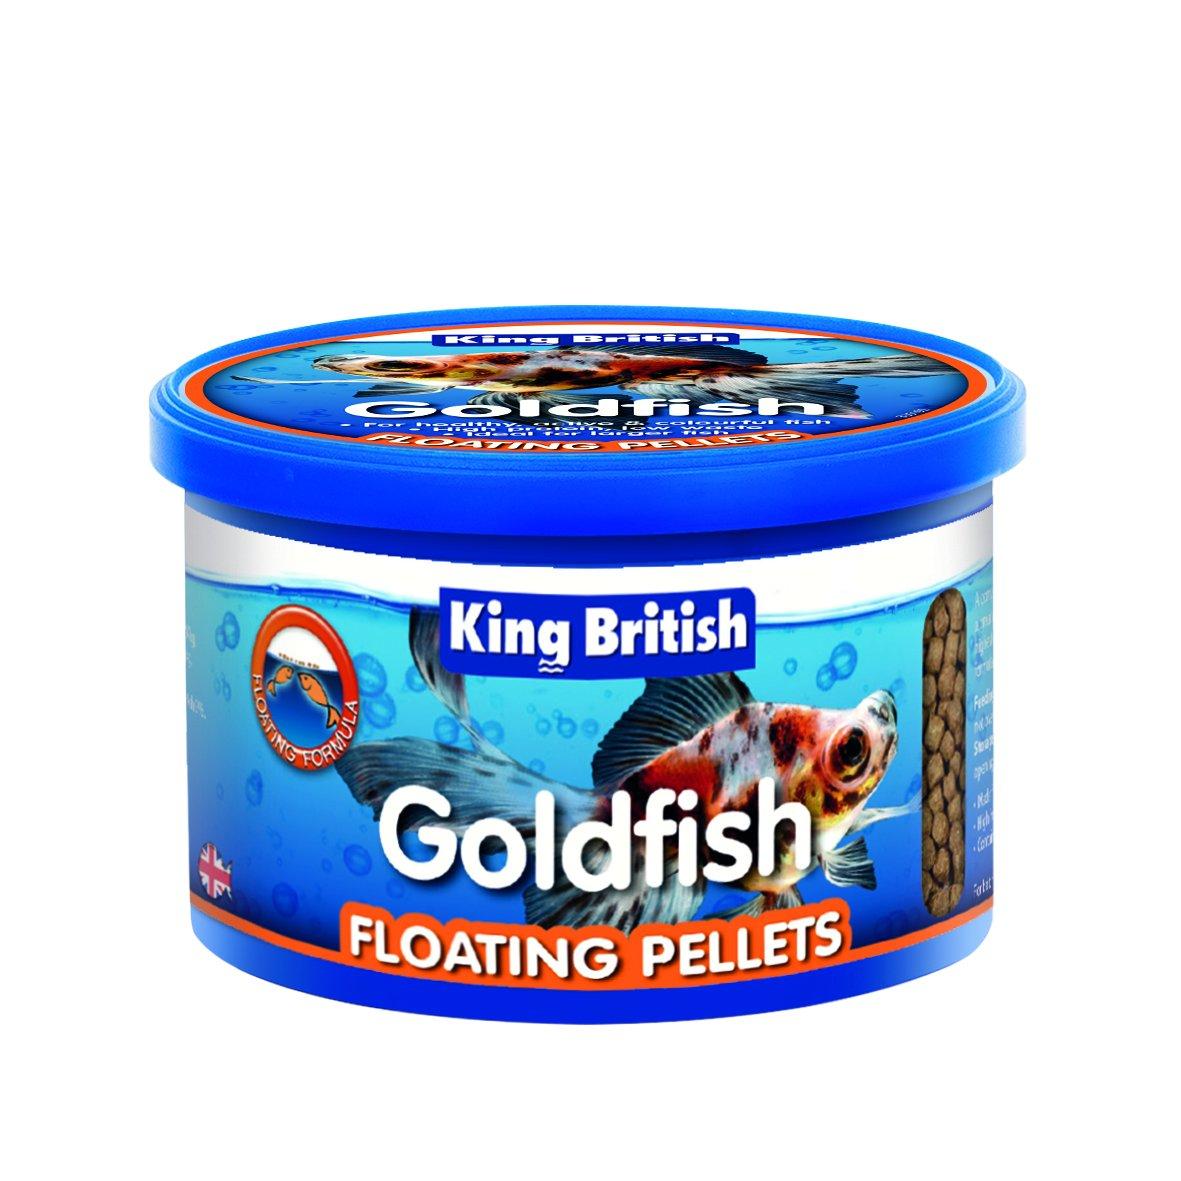 King British goldfish Floating Food Pellets 75 G (Pack of 6)